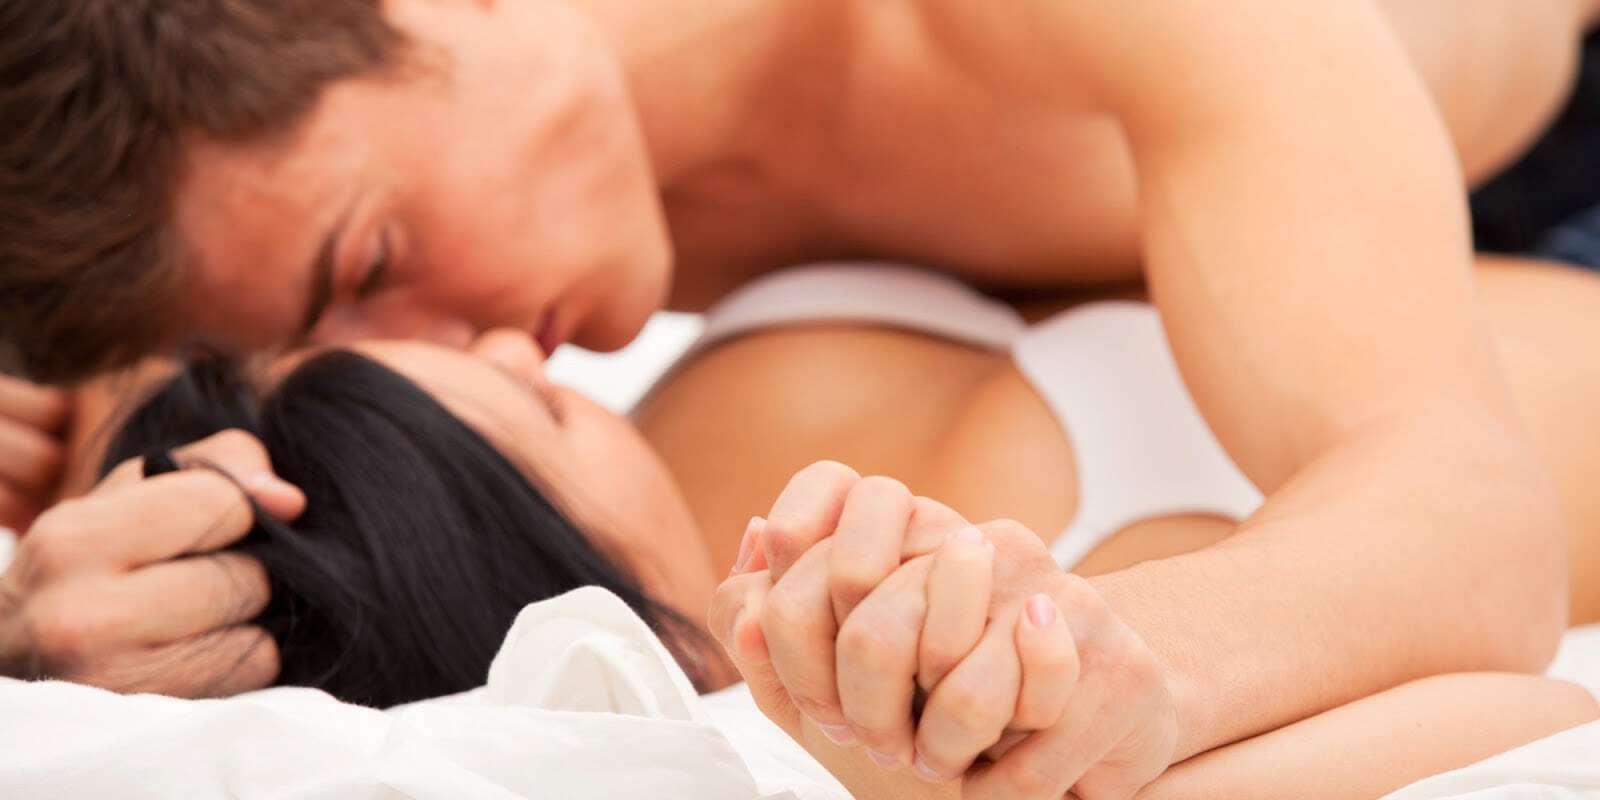 sexo pode aumentar a testosterona